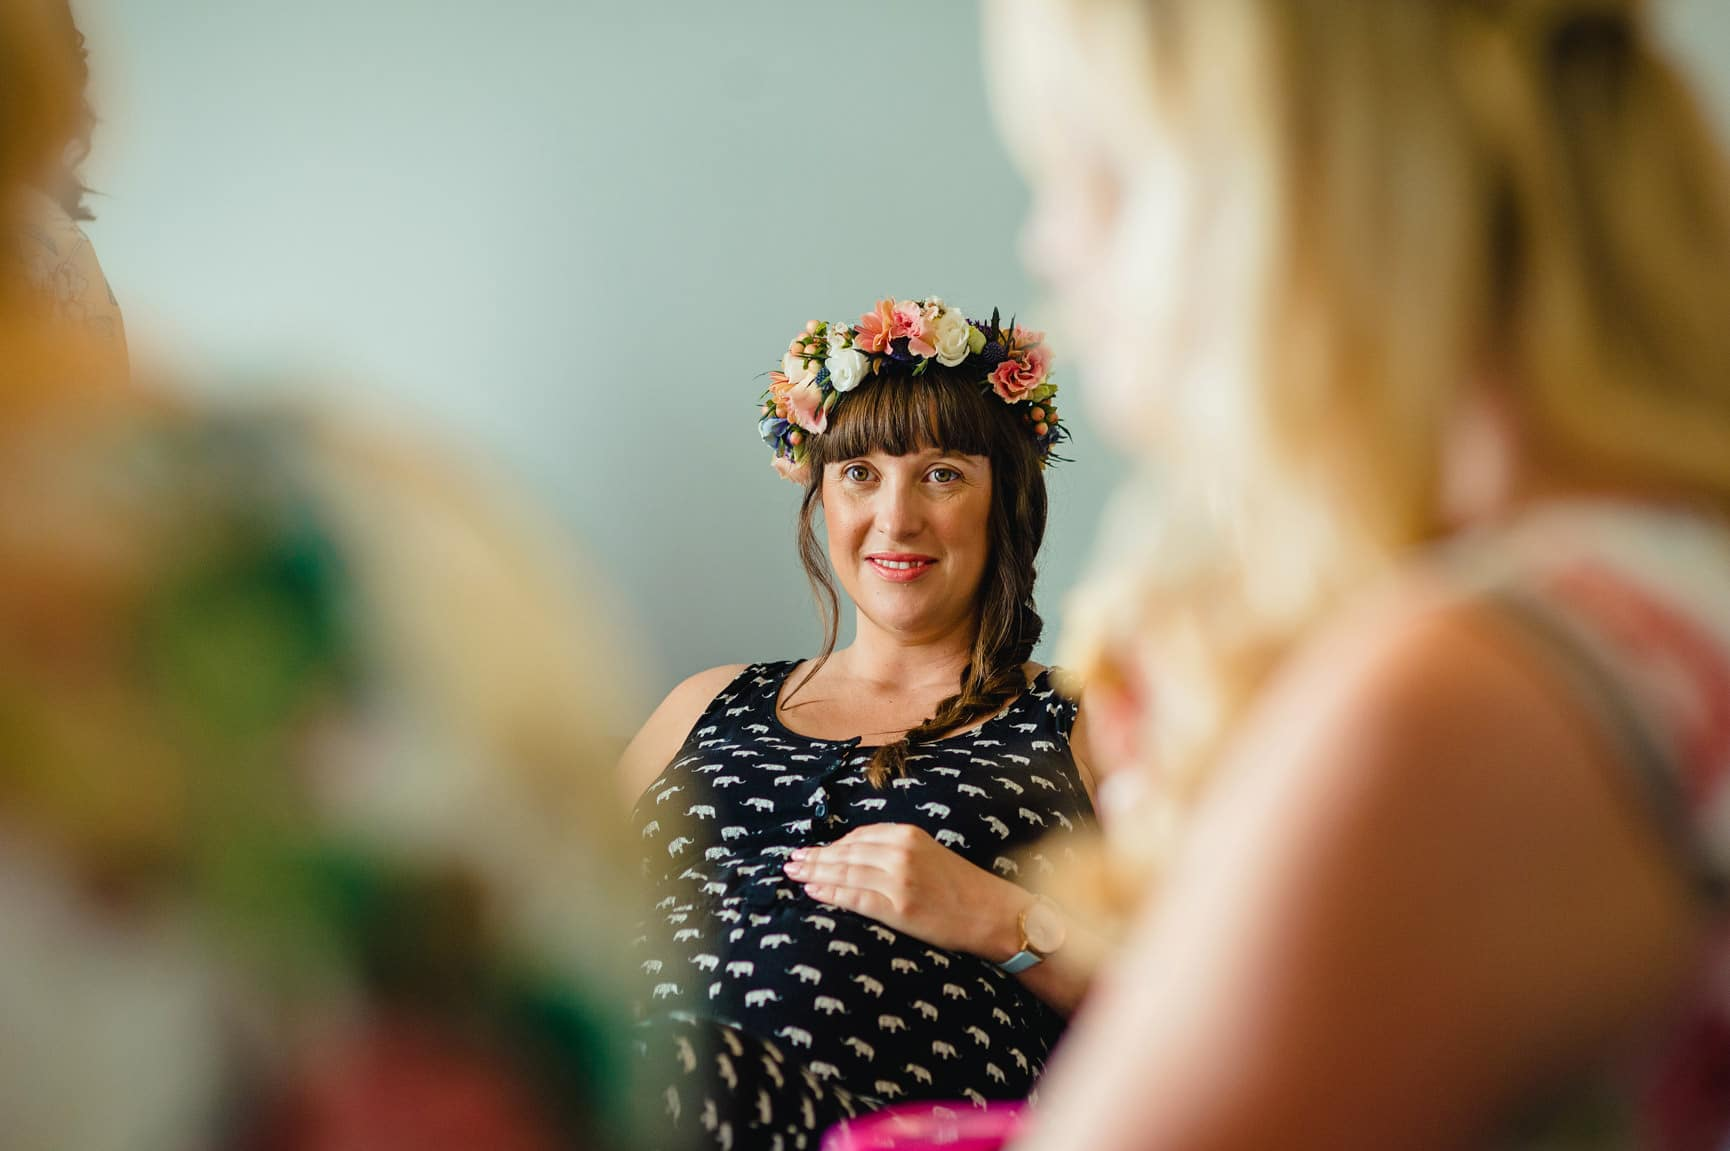 Fforest Wedding, Cardigan, Wales - Lauren and Gareth 6